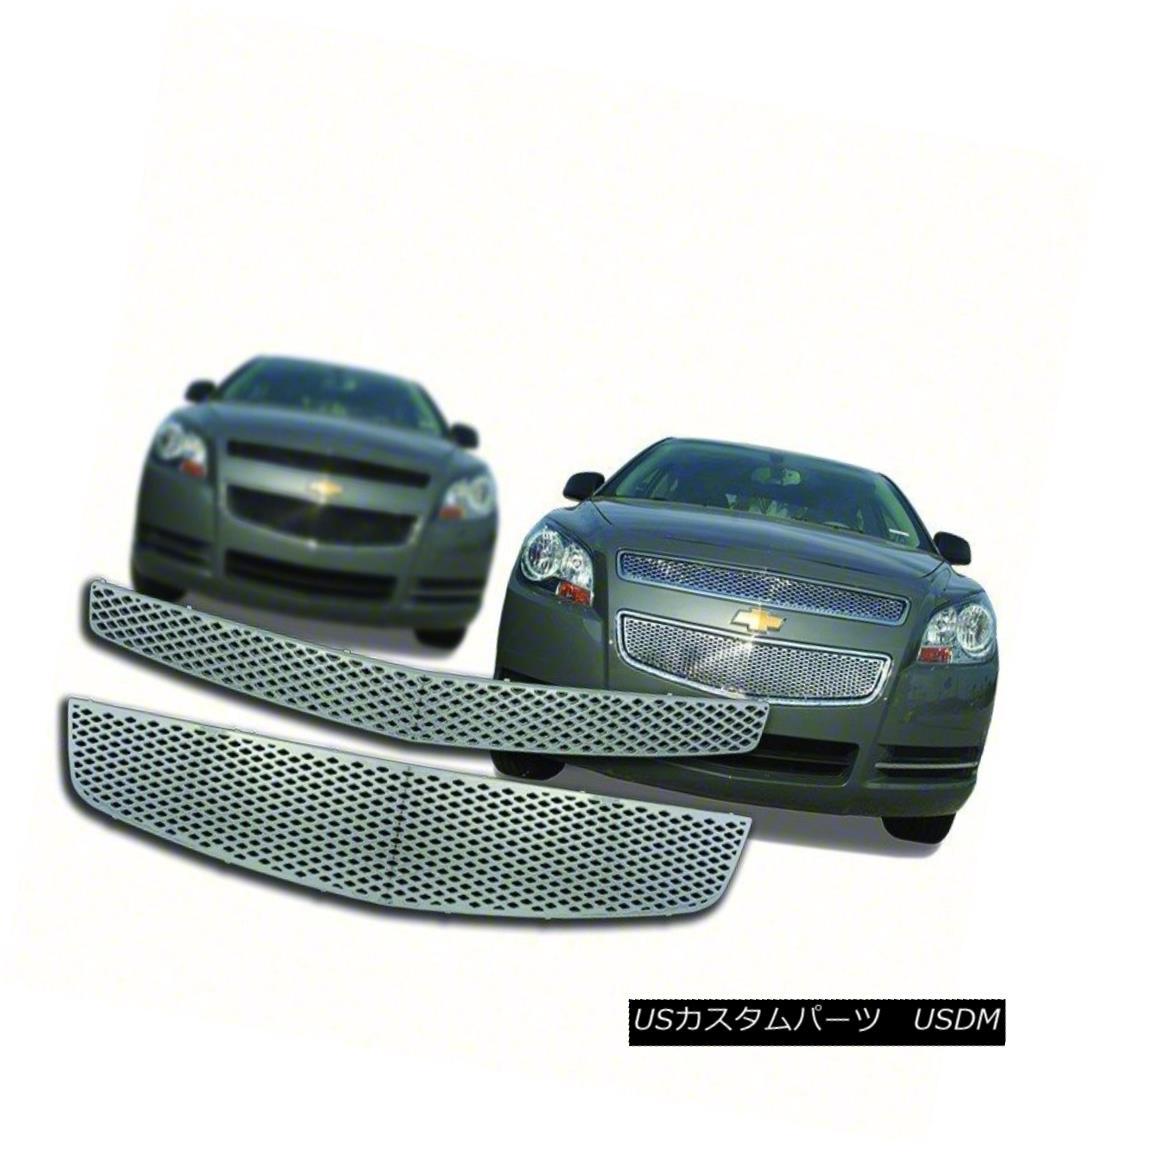 グリル Chrome Grille Overlay-Fits 2008-12 Chevrolet Malibu - IWCGI68 クロームグリルオーバレイフィッティング2008-12 Chevrolet Malibu - IWCGI68